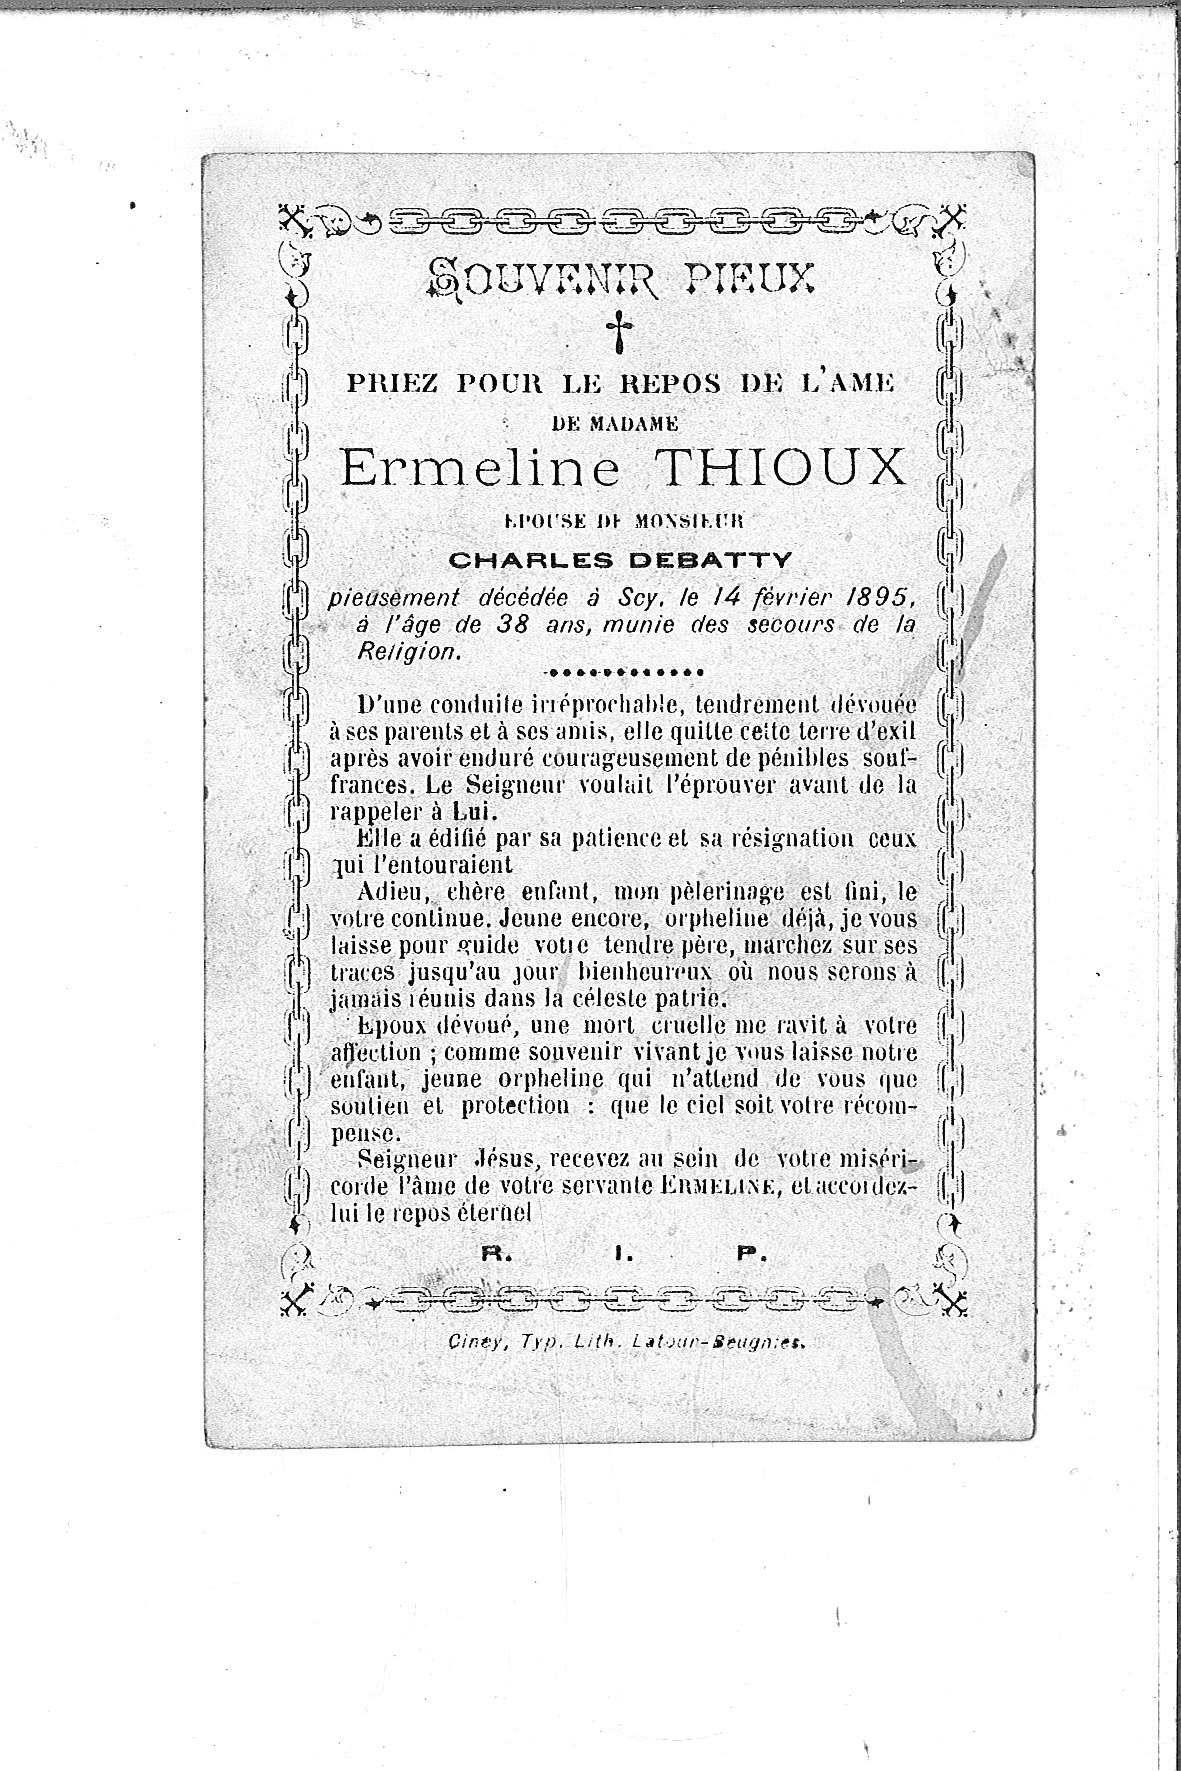 Ermeline(1895)20140825083222_00139.jpg